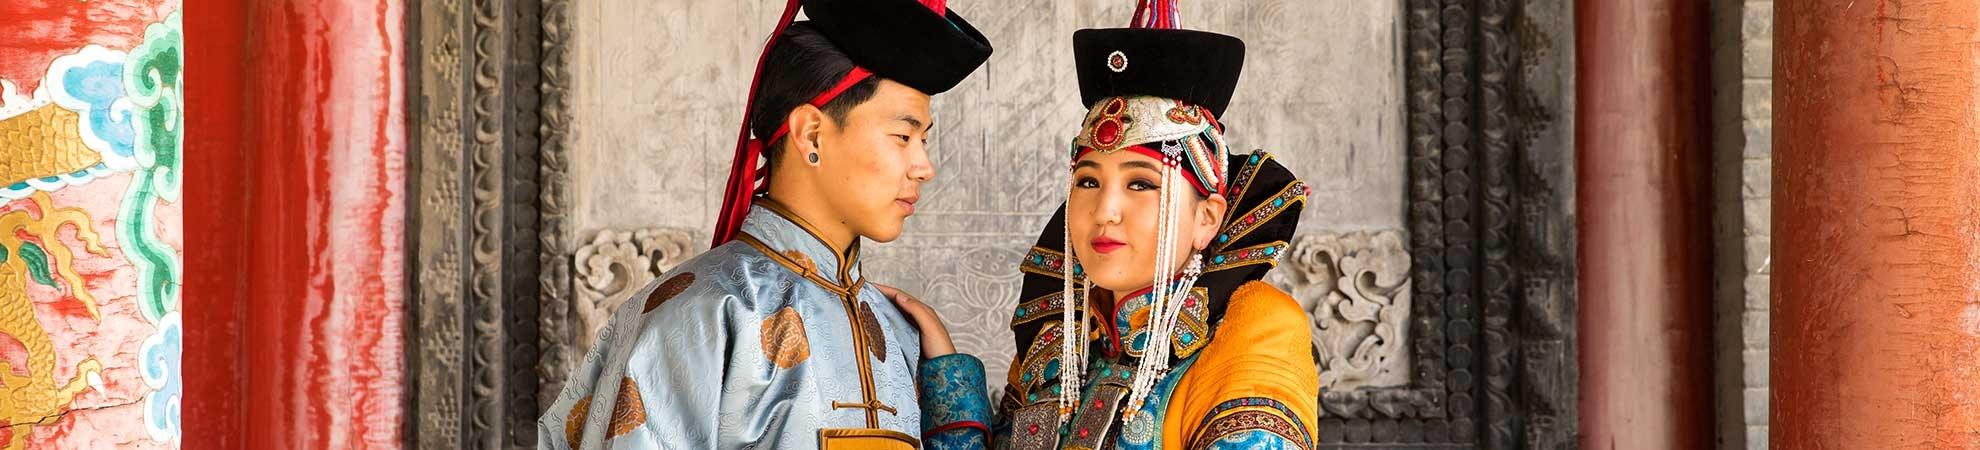 Activités Art et culture Mongolie